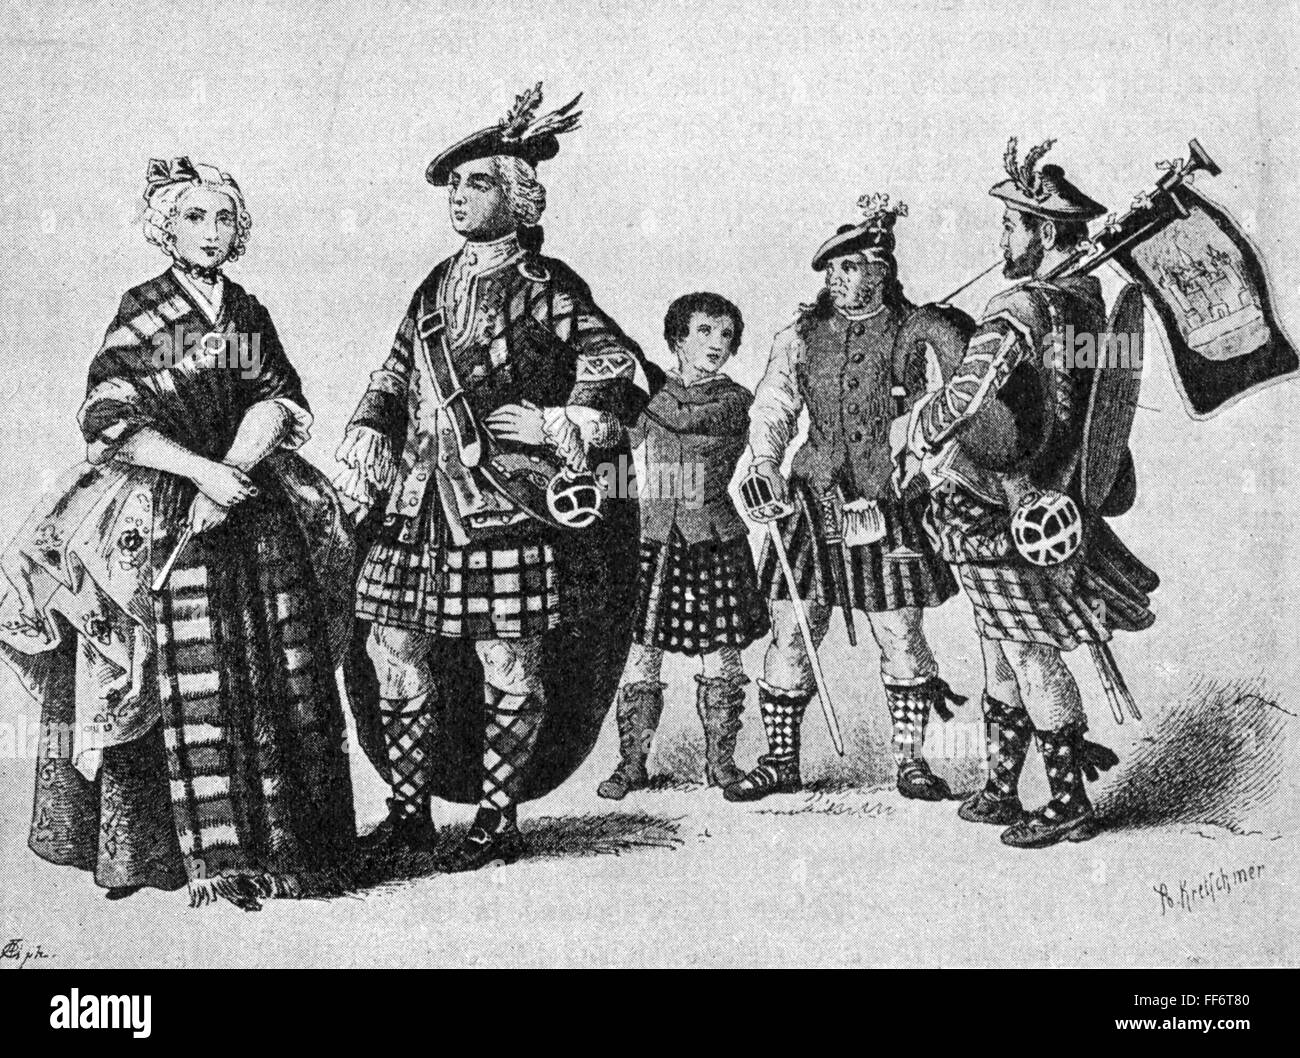 Tartan Scotland Black and White Stock Photos & Images - Alamy